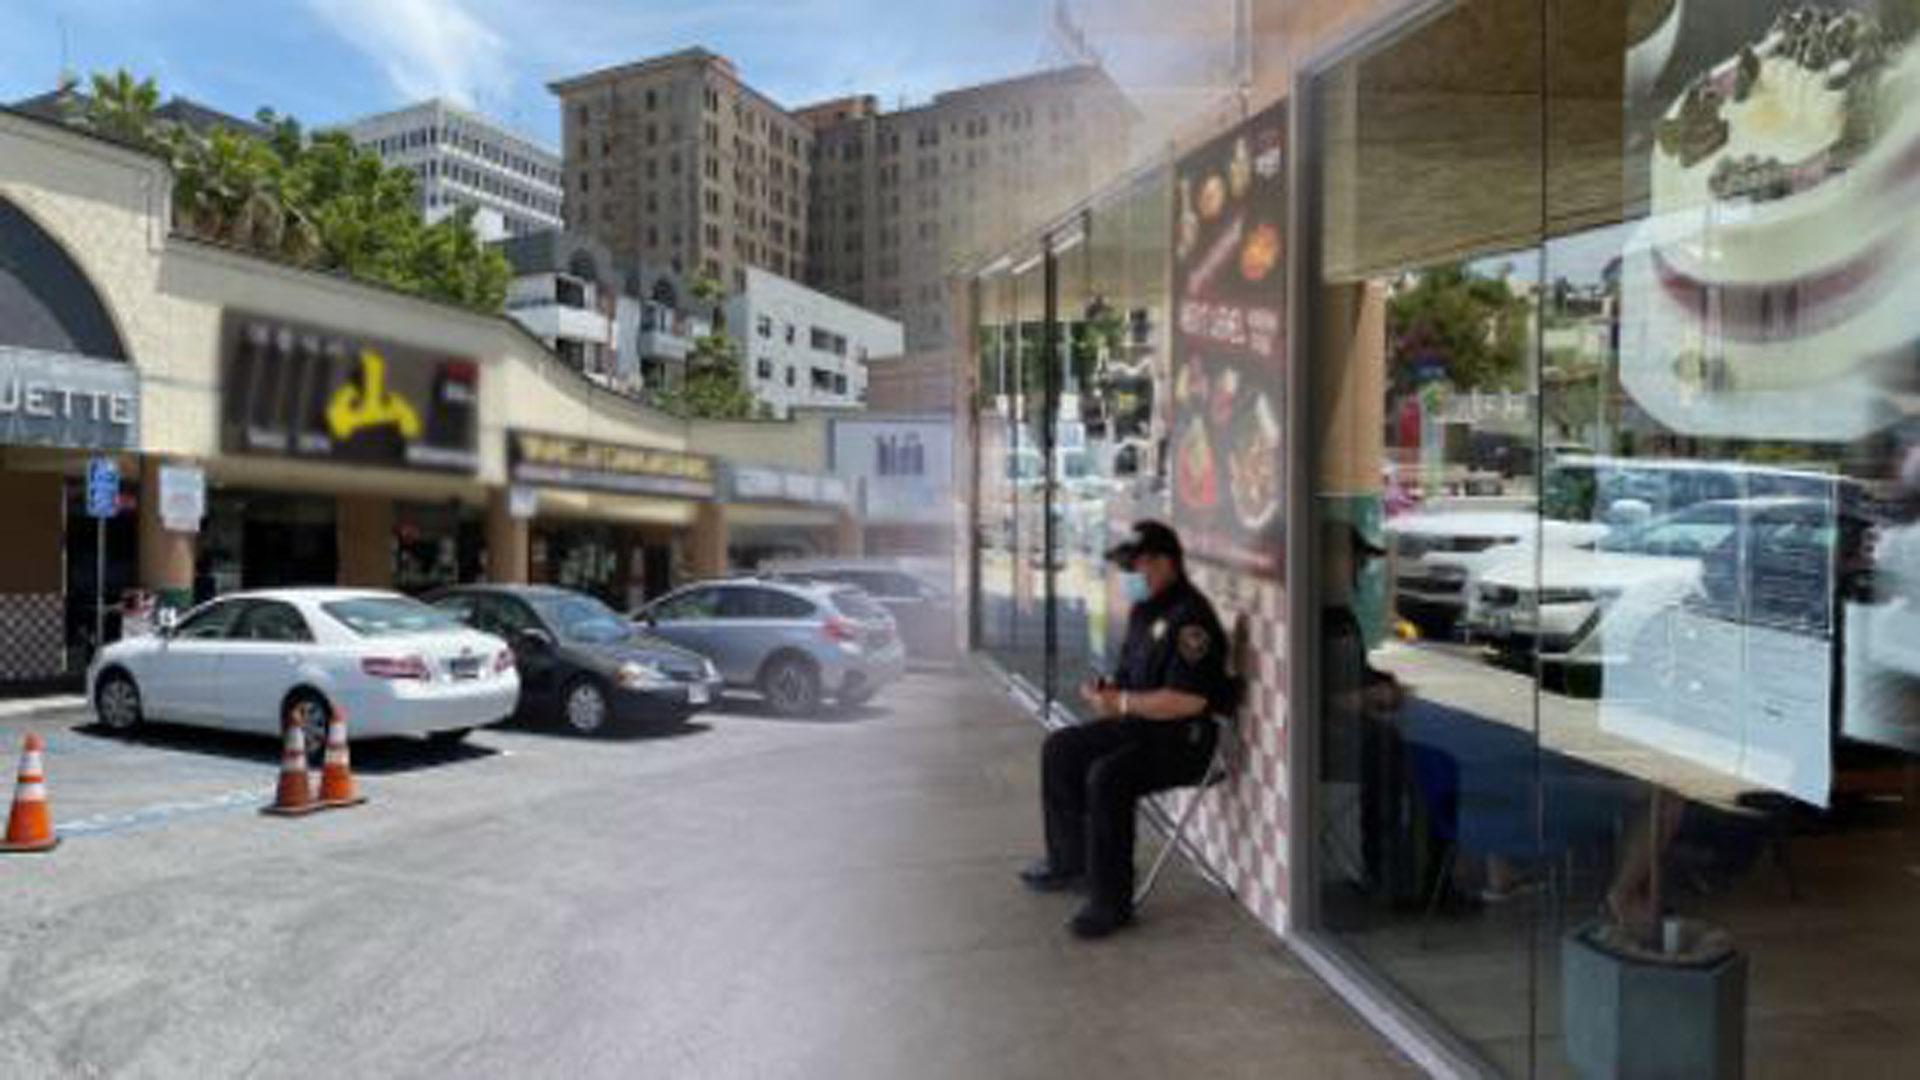 LA <em class='find'>한</em>인타운 일부 상점 피해…주방위군 투입